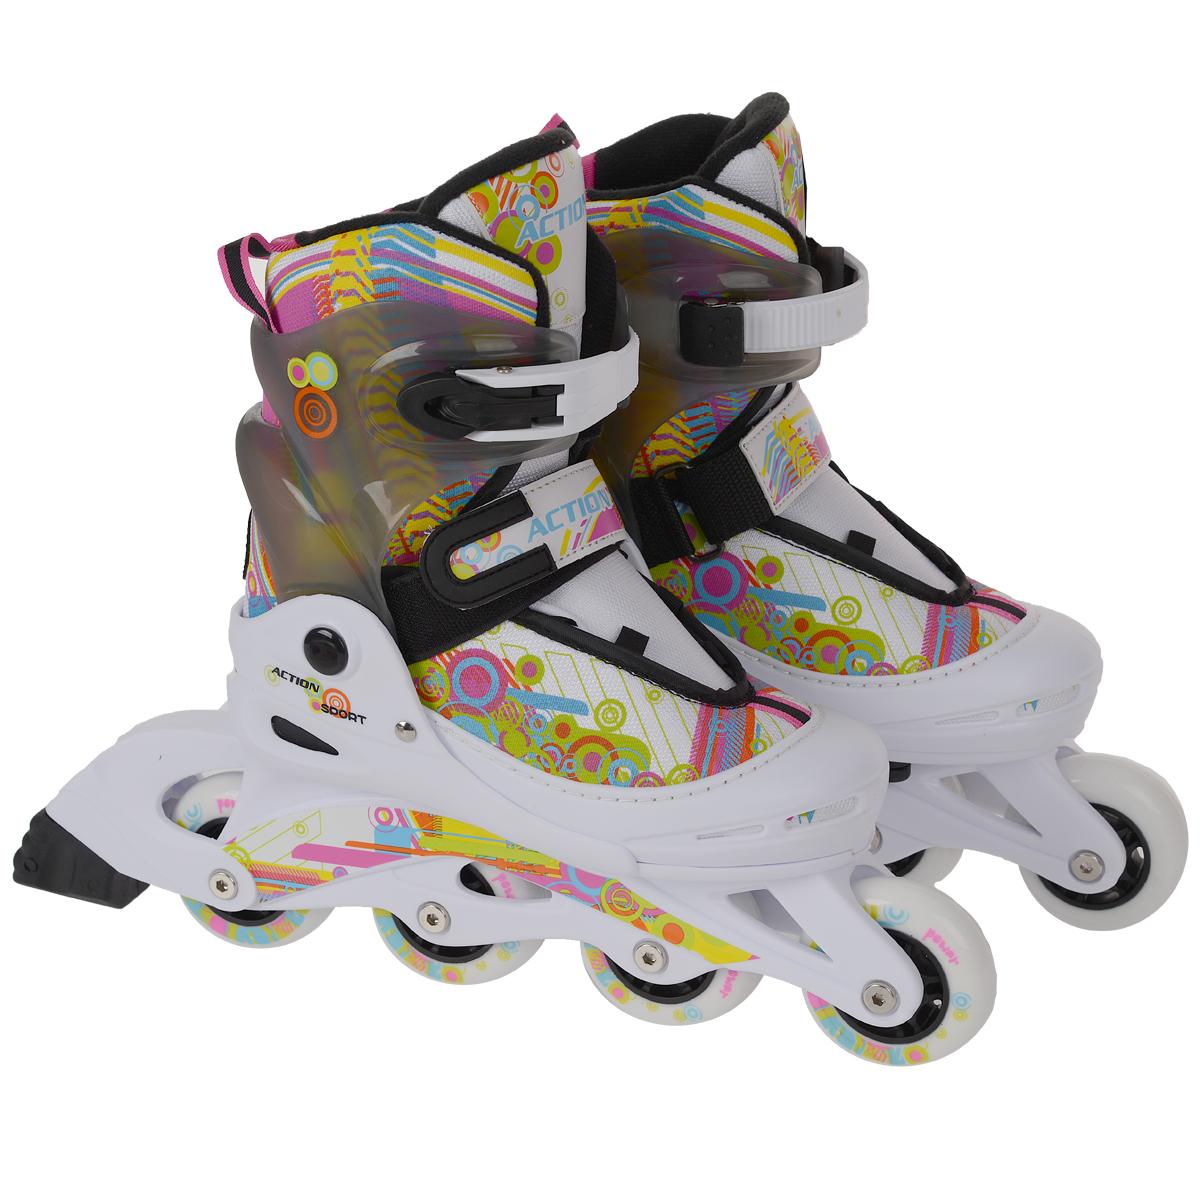 Коньки роликовые, раздвижные. PW-117NPW-117NРаздвижные коньки Action - это роликовые коньки любительского класса для детей и постоянно растущих подростков, предназначены для занятий спортом и активного отдыха. Коньки имеют полумягкий ботинок с раздвижным механизмом, что обеспечивает хорошую посадку и пластичность, а для еще более комфортного катания ботинки коньков оснащены классической системой шнуровки, клипсой с фиксатором, ремешком на липучке и пяточным ремнем. Облегченная, анатомически облегающая конструкция обеспечивает улучшенную боковую поддержку и полный контроль над движением. Стельки роликов выполнены из двух материалов: базовый для обеспечения формы стельки; дополнительный - покрытие стельки мягким материалом для удобного одевания и комфорта. Рама изготовлена из пластика, а колеса из полиуретана с карбоновыми подшипниками ABEC5. Диаметр колес 70 мм. В каждой модели роликов есть тормоз.